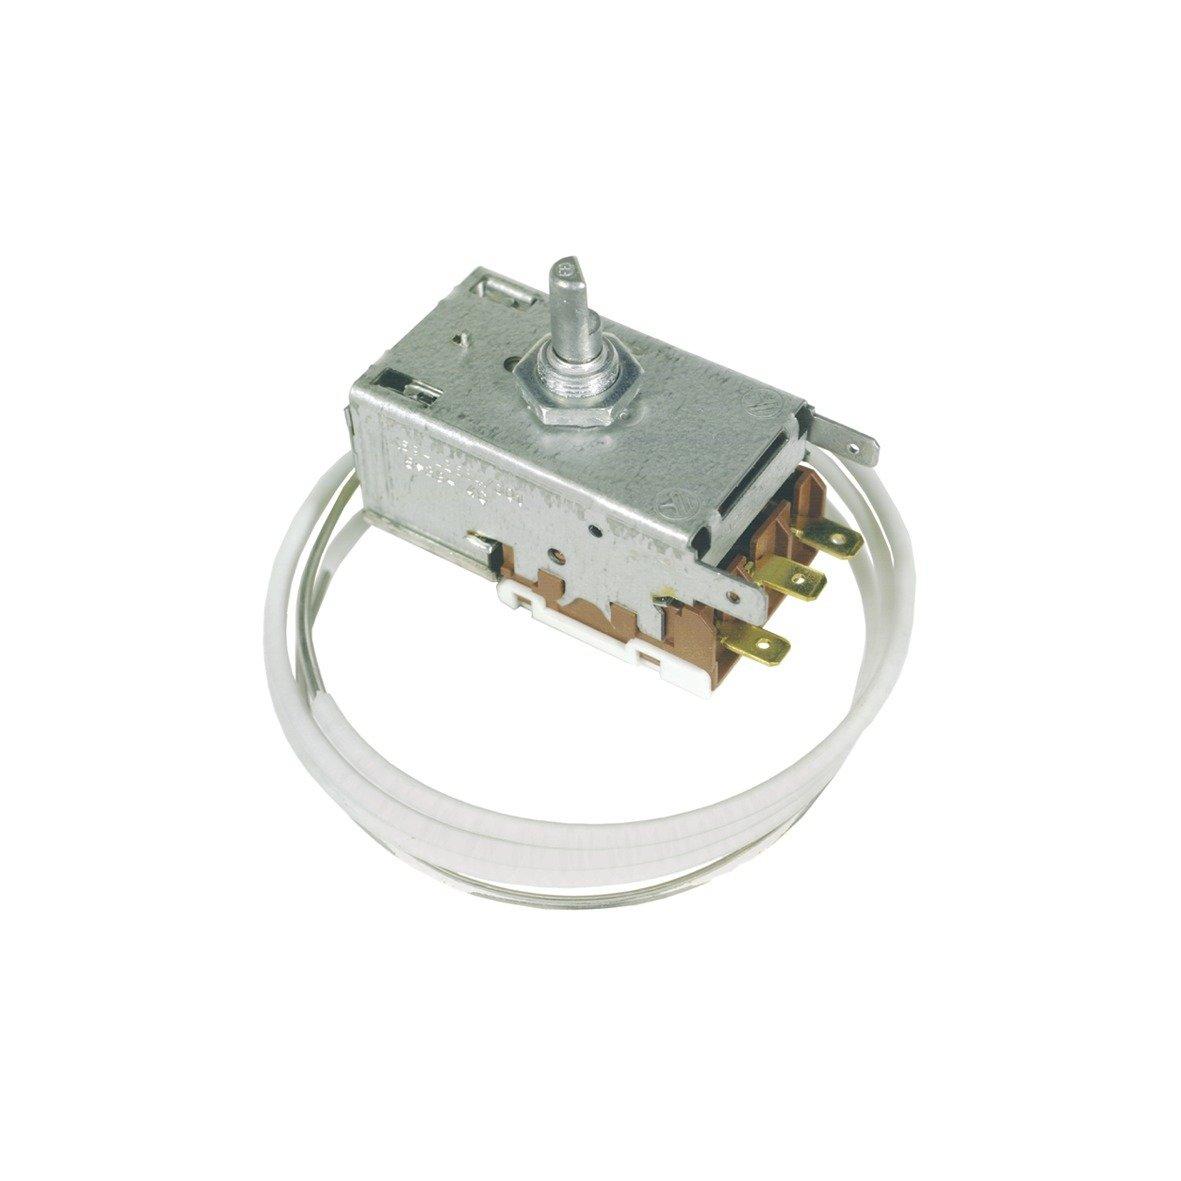 Thermostat K/ühlthermostat K/ühlschrank K/ühl-Gefrierkombination Original Ranco K59-L2629 900mm Kapillarrohr 3x4,8mm AMP passend wie Liebherr 6151803 cu cun k ksds ksdn